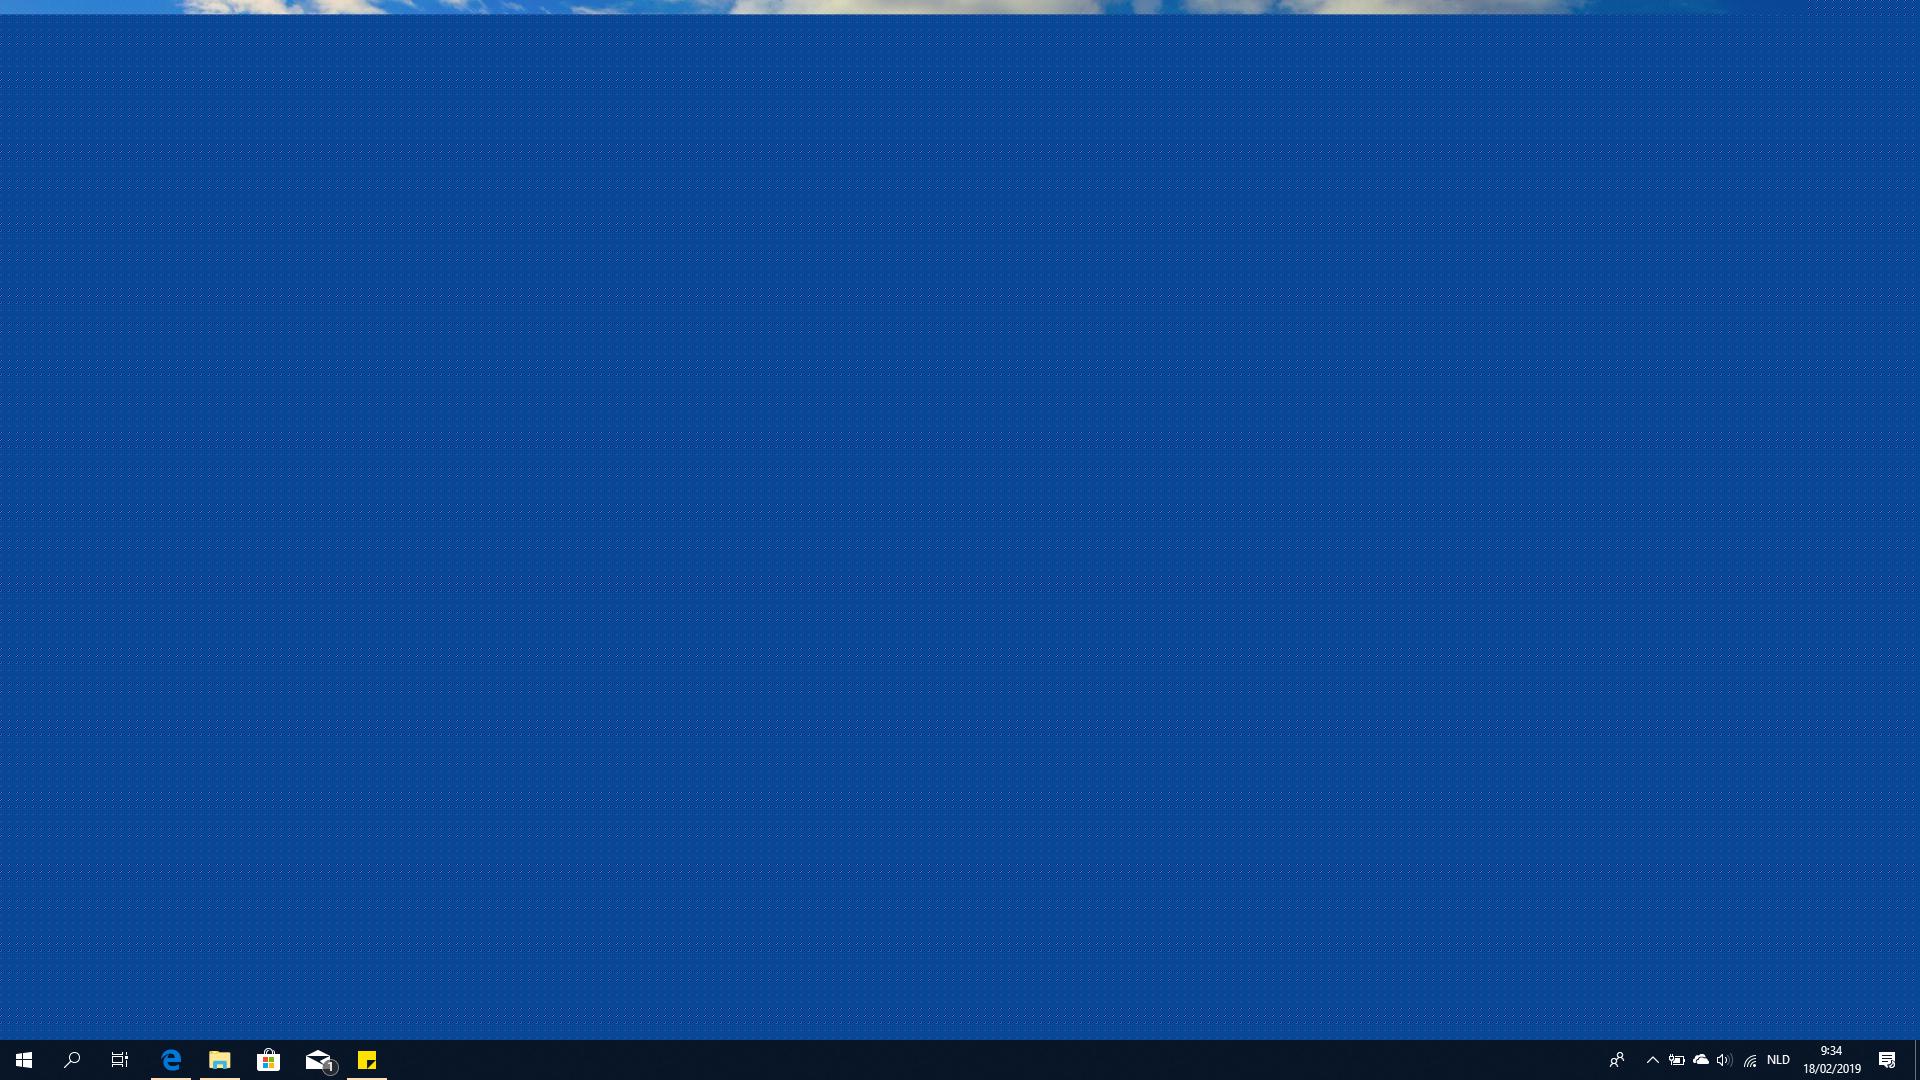 blue desktop background